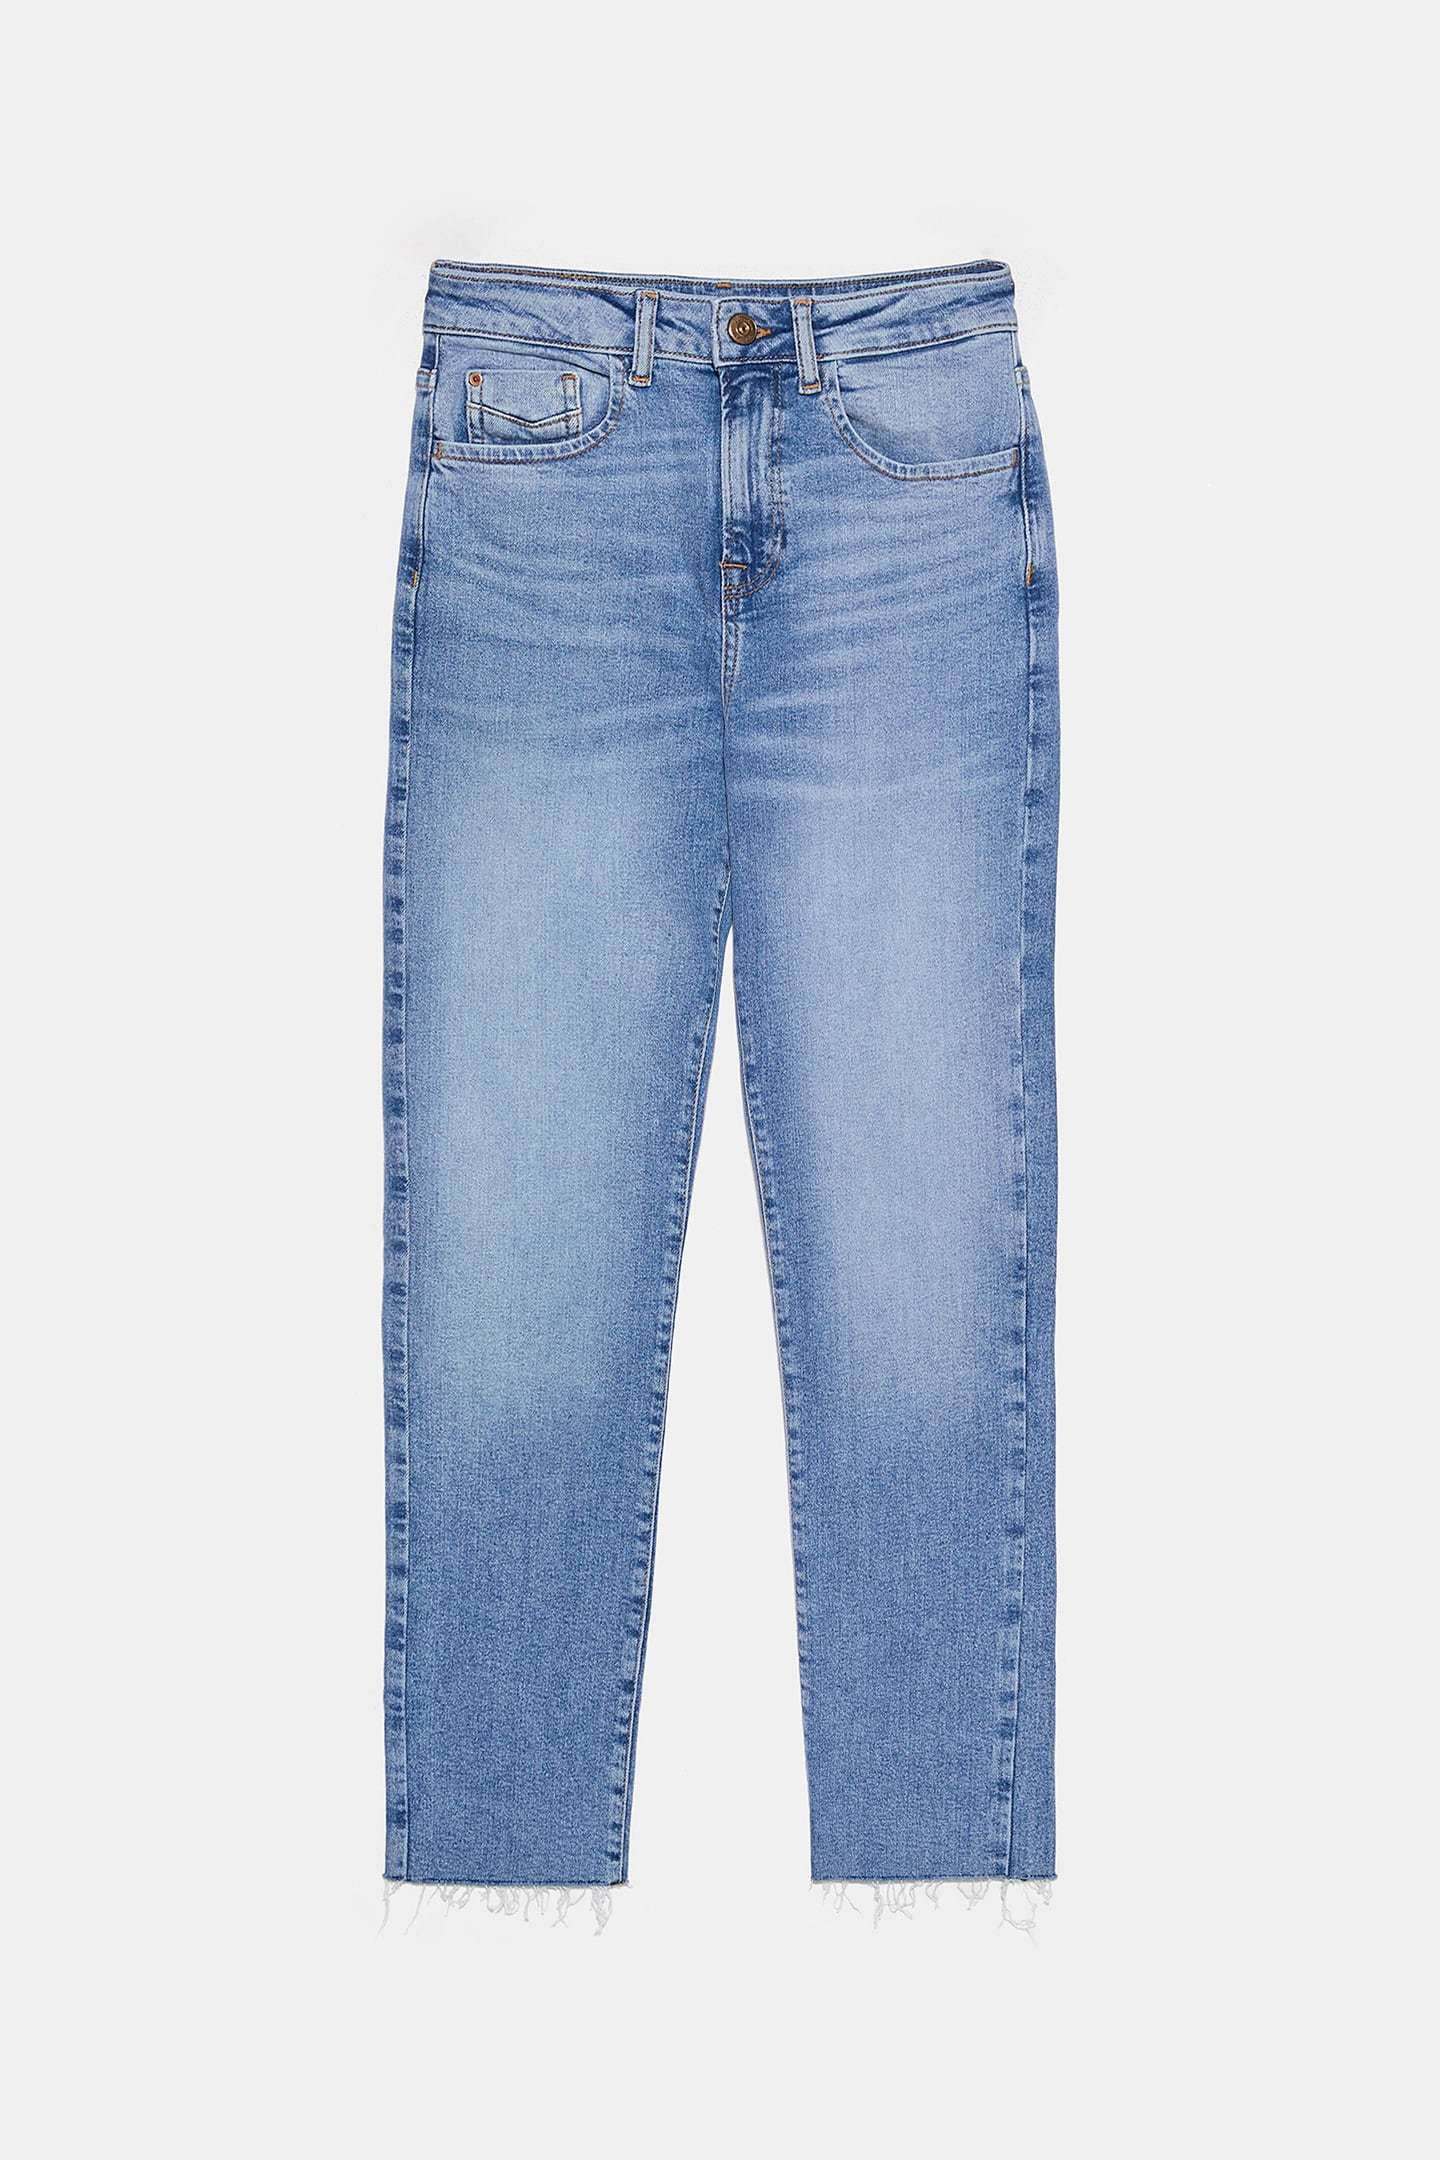 Pantalón recto de Zara (22,95 euros).